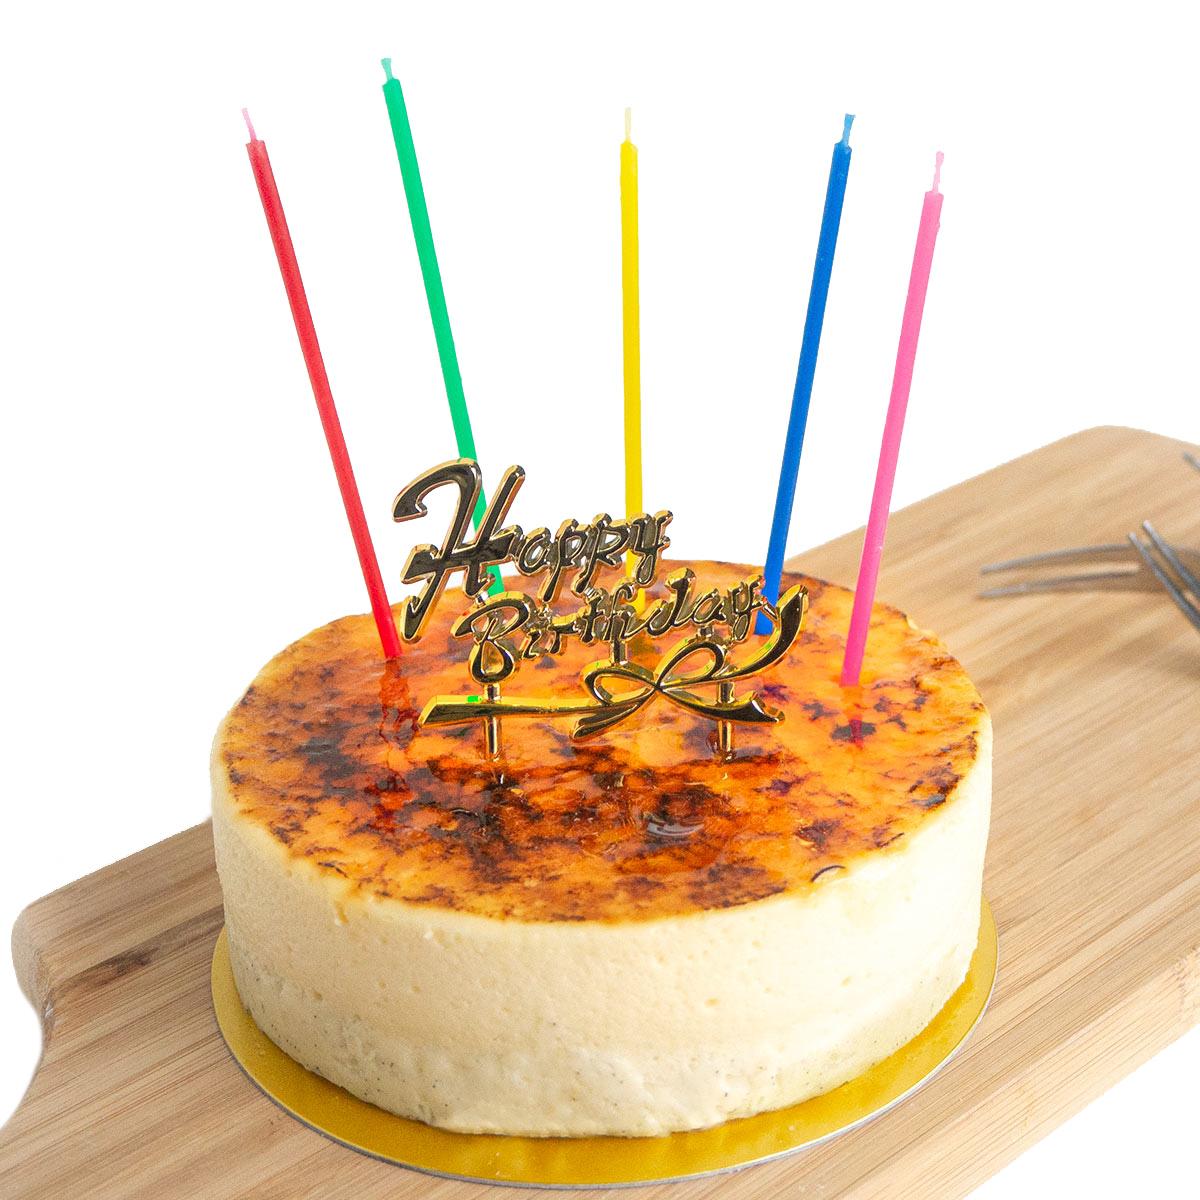 【送料込】神戸バニラフロマージュのバースデーケーキ 4号(約12cm 2~4名様)【冷凍便】